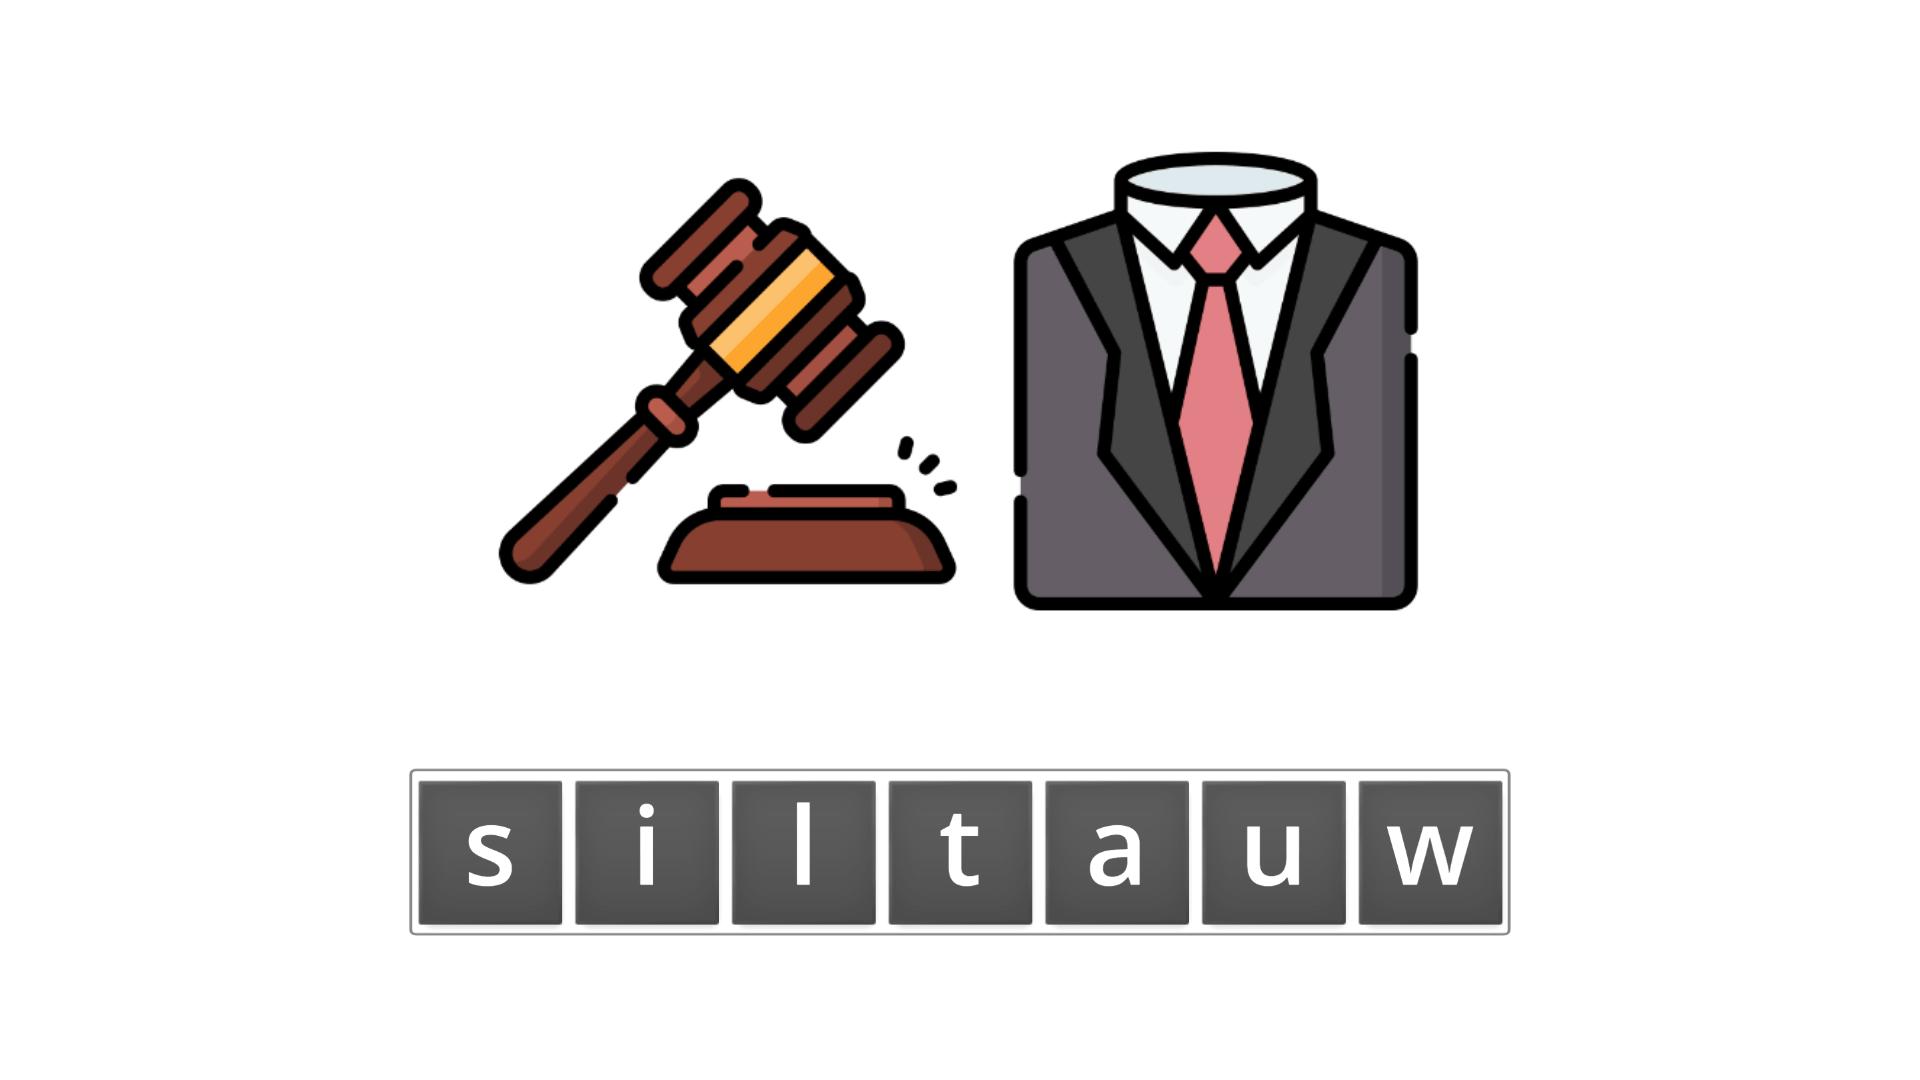 esl resources - flashcards - compound nouns  - unscramble - lawsuit